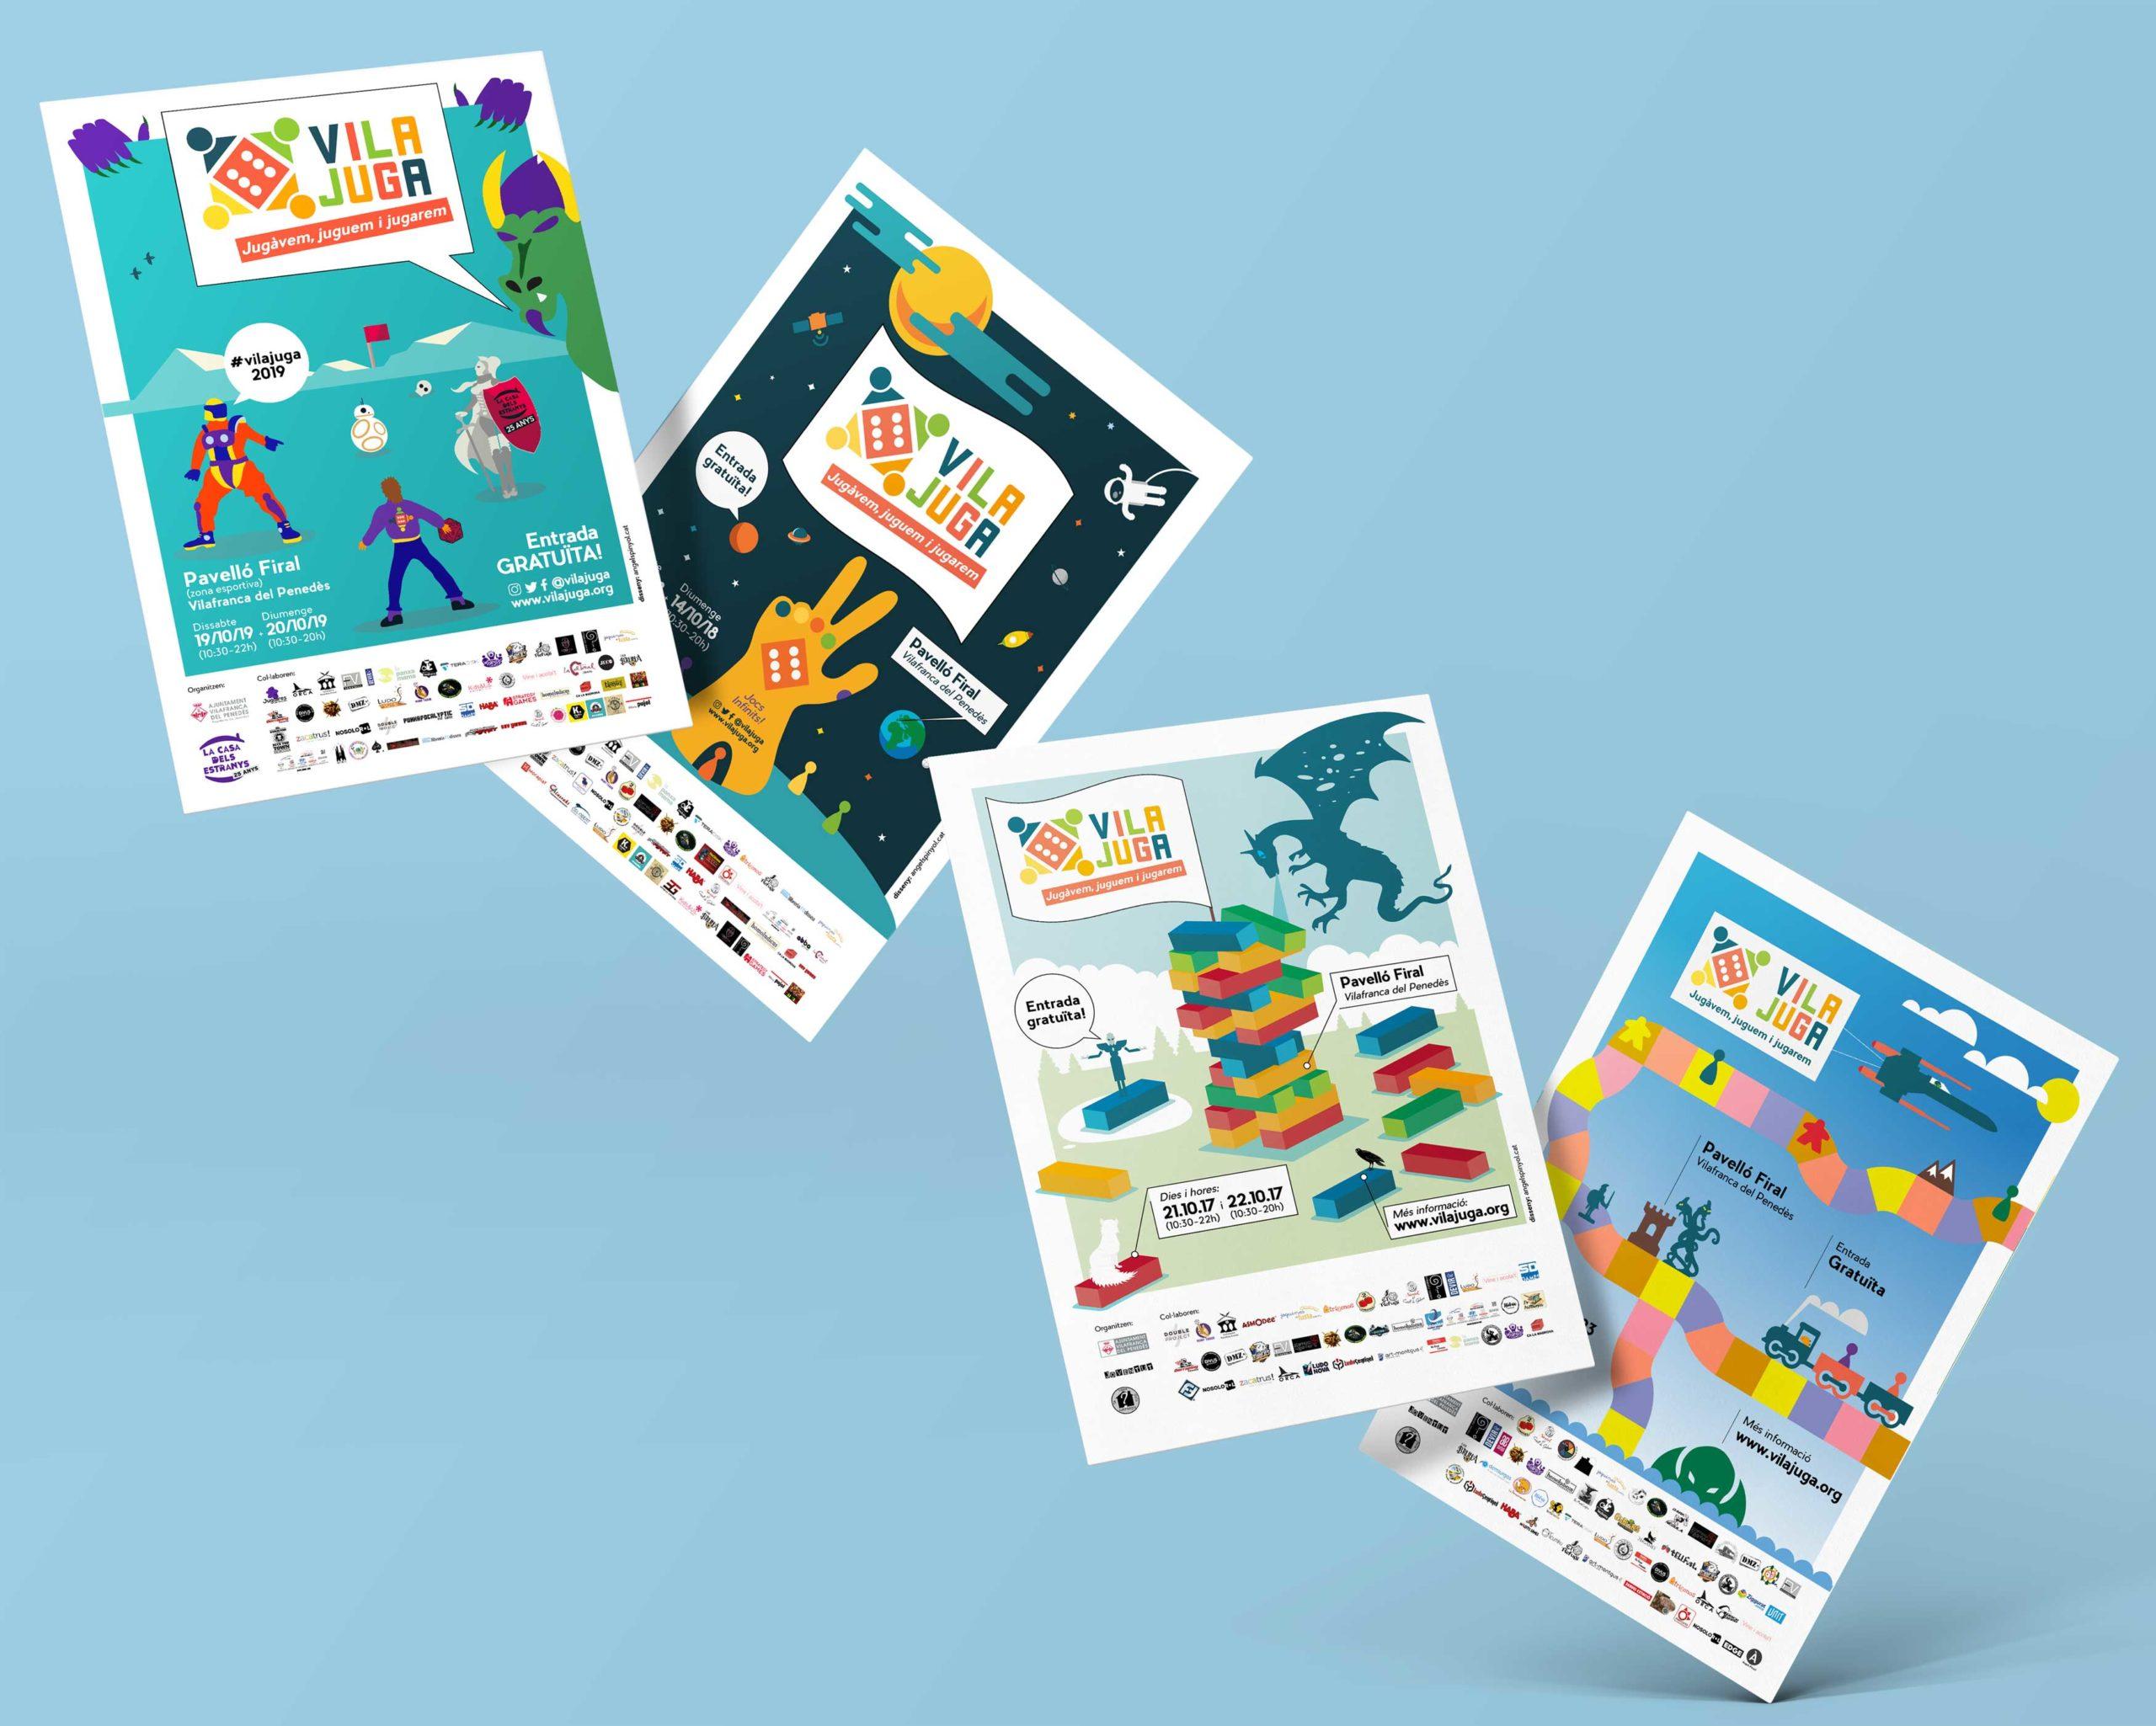 vilajuga   angelspinyol rol jocstaula disseny penedes vilafranca scaled - VILAJUGA - Disseny de la imatge gràfica de les jornades de jocs de Vilafranca del Penedès